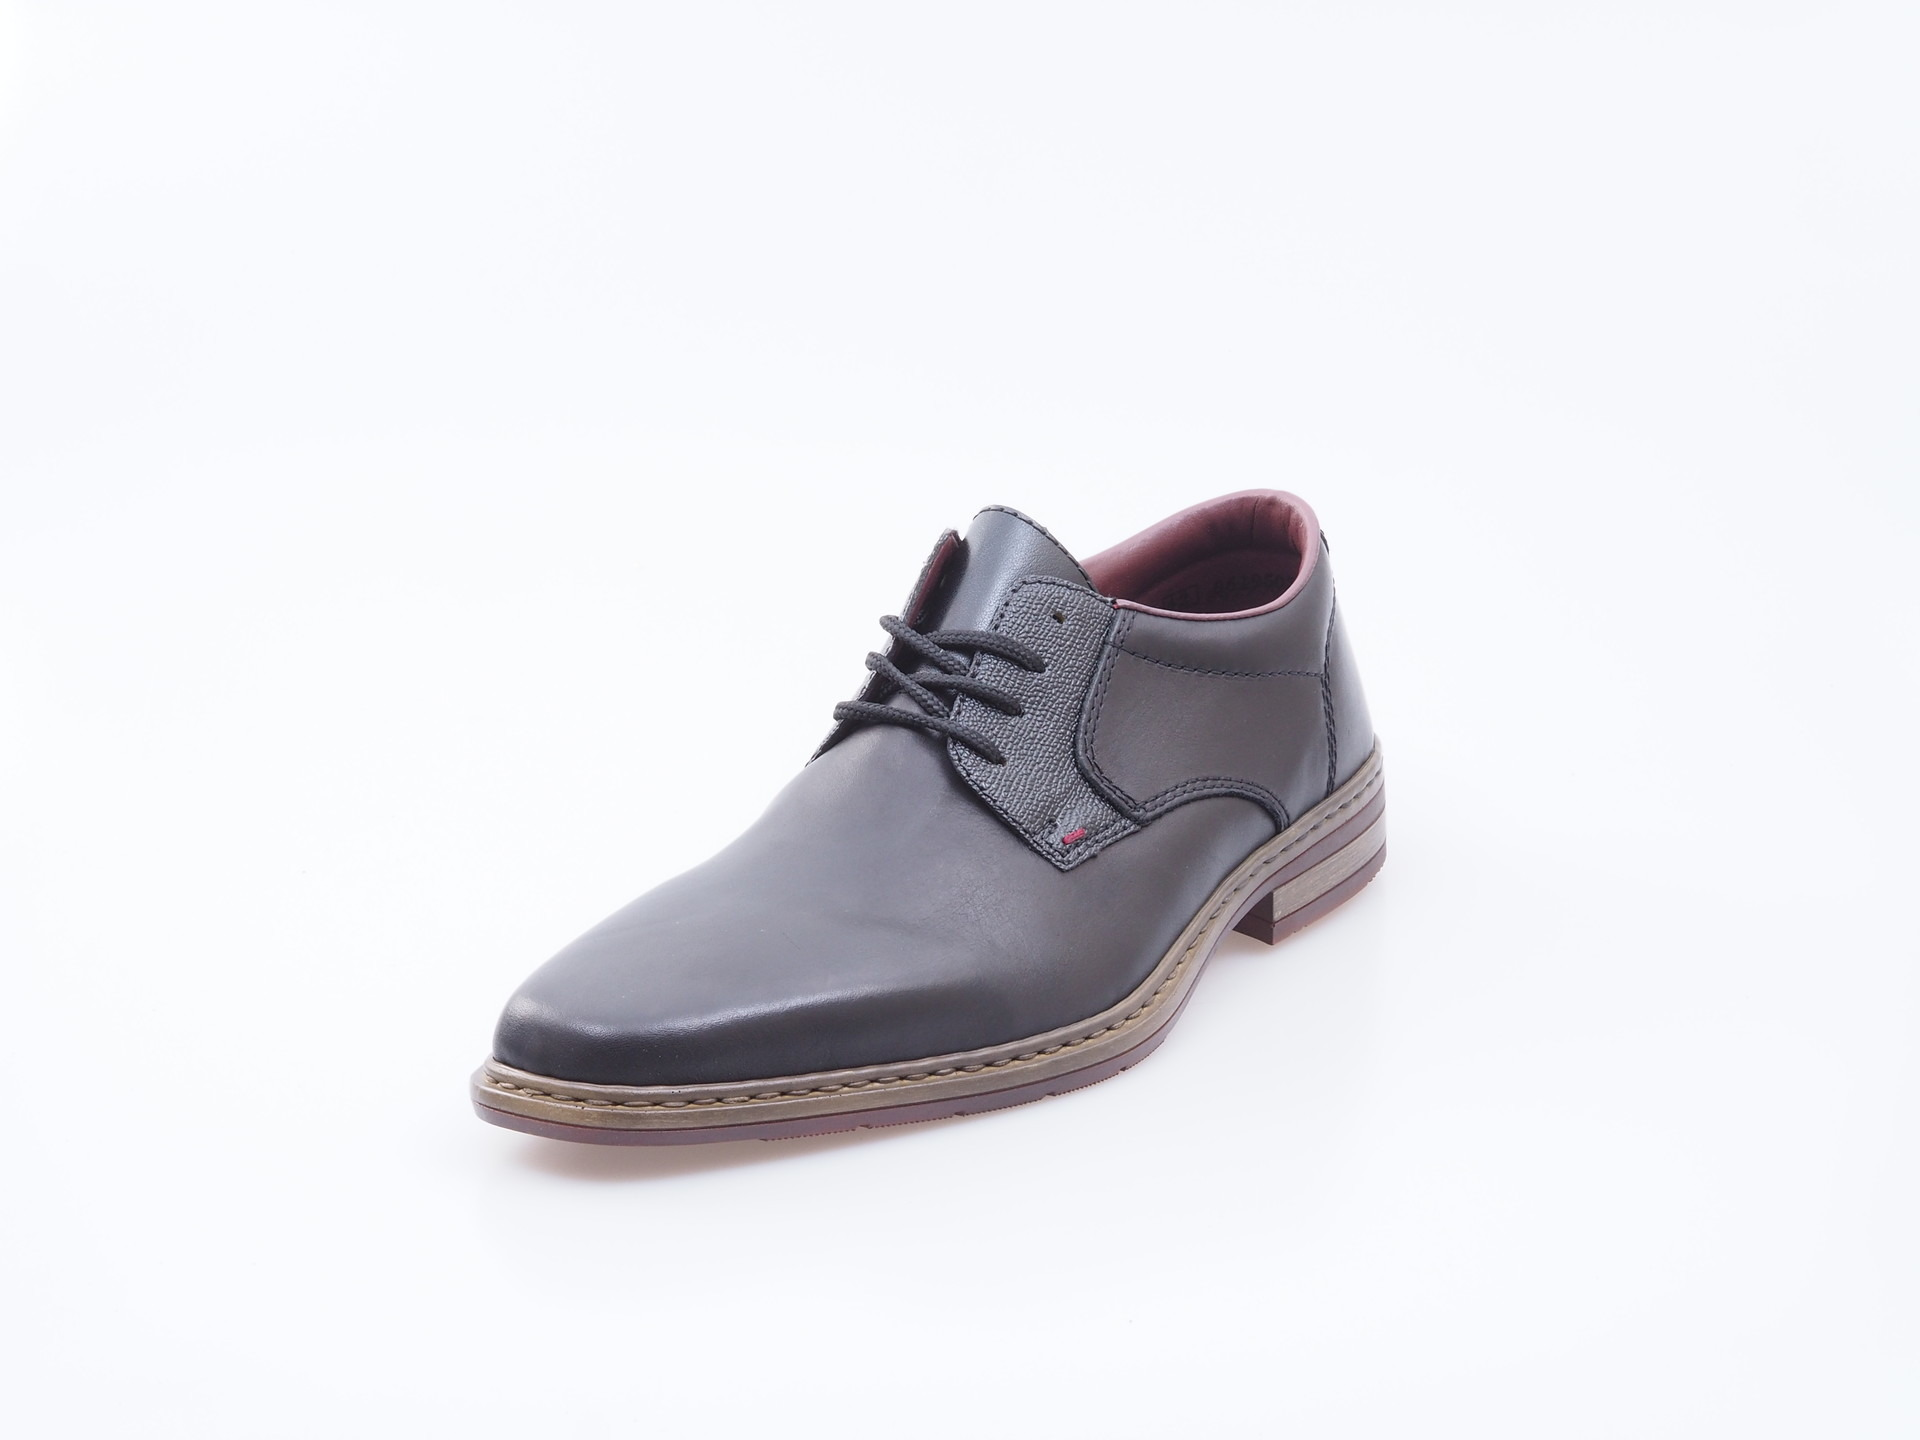 Soňa - Pánska obuv - Poltopánky - Šnurovacie kožené čierne topánky ... df8e7882e4e